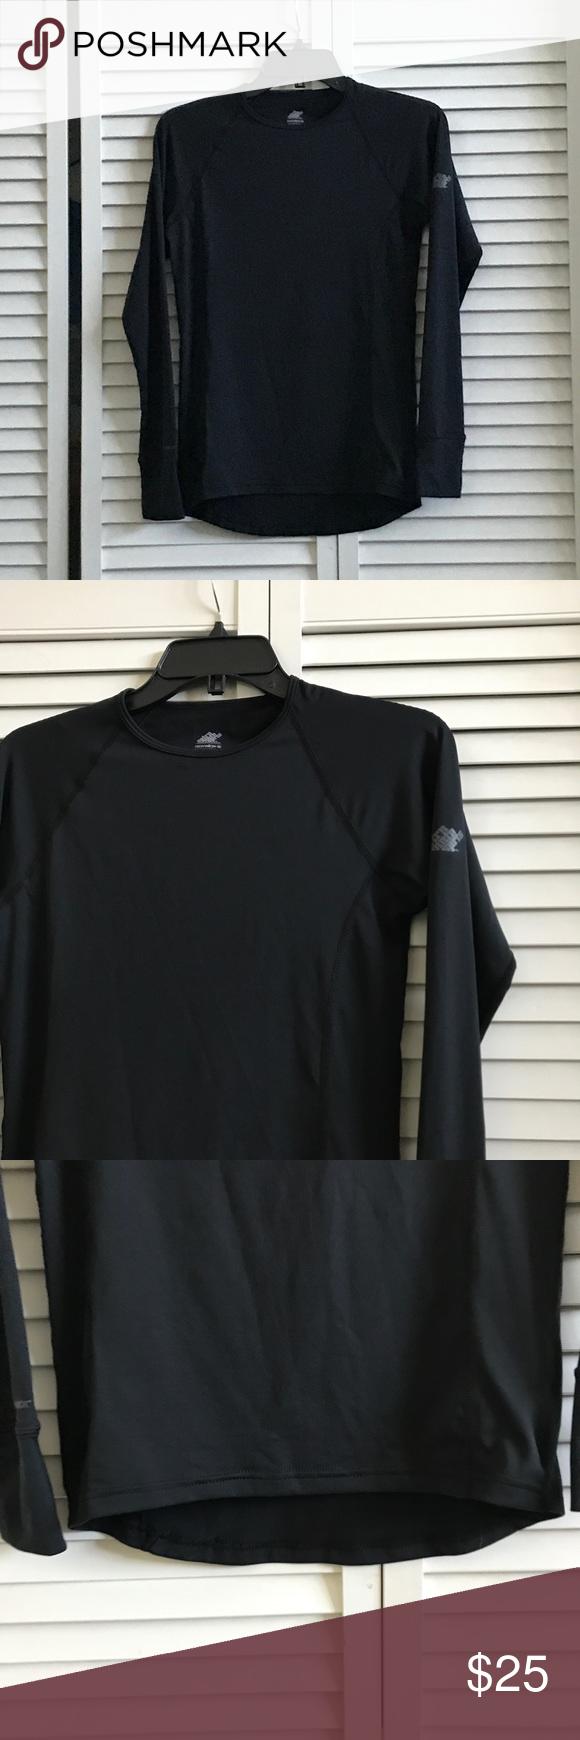 f4f7d9105 EMS women's Techwick shirt, EUC   High low, Smoke free and Smoking